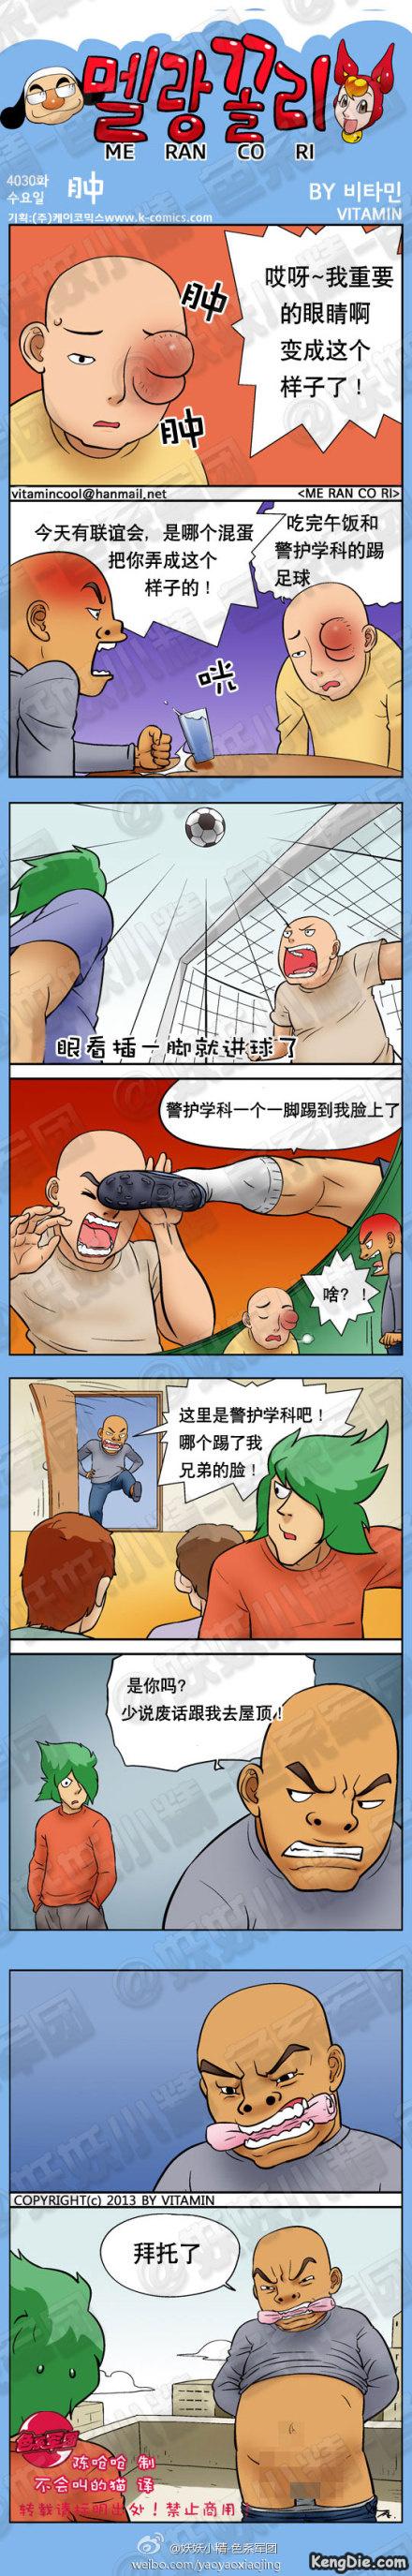 色系军团邪恶漫画:拜托你踢肿我把